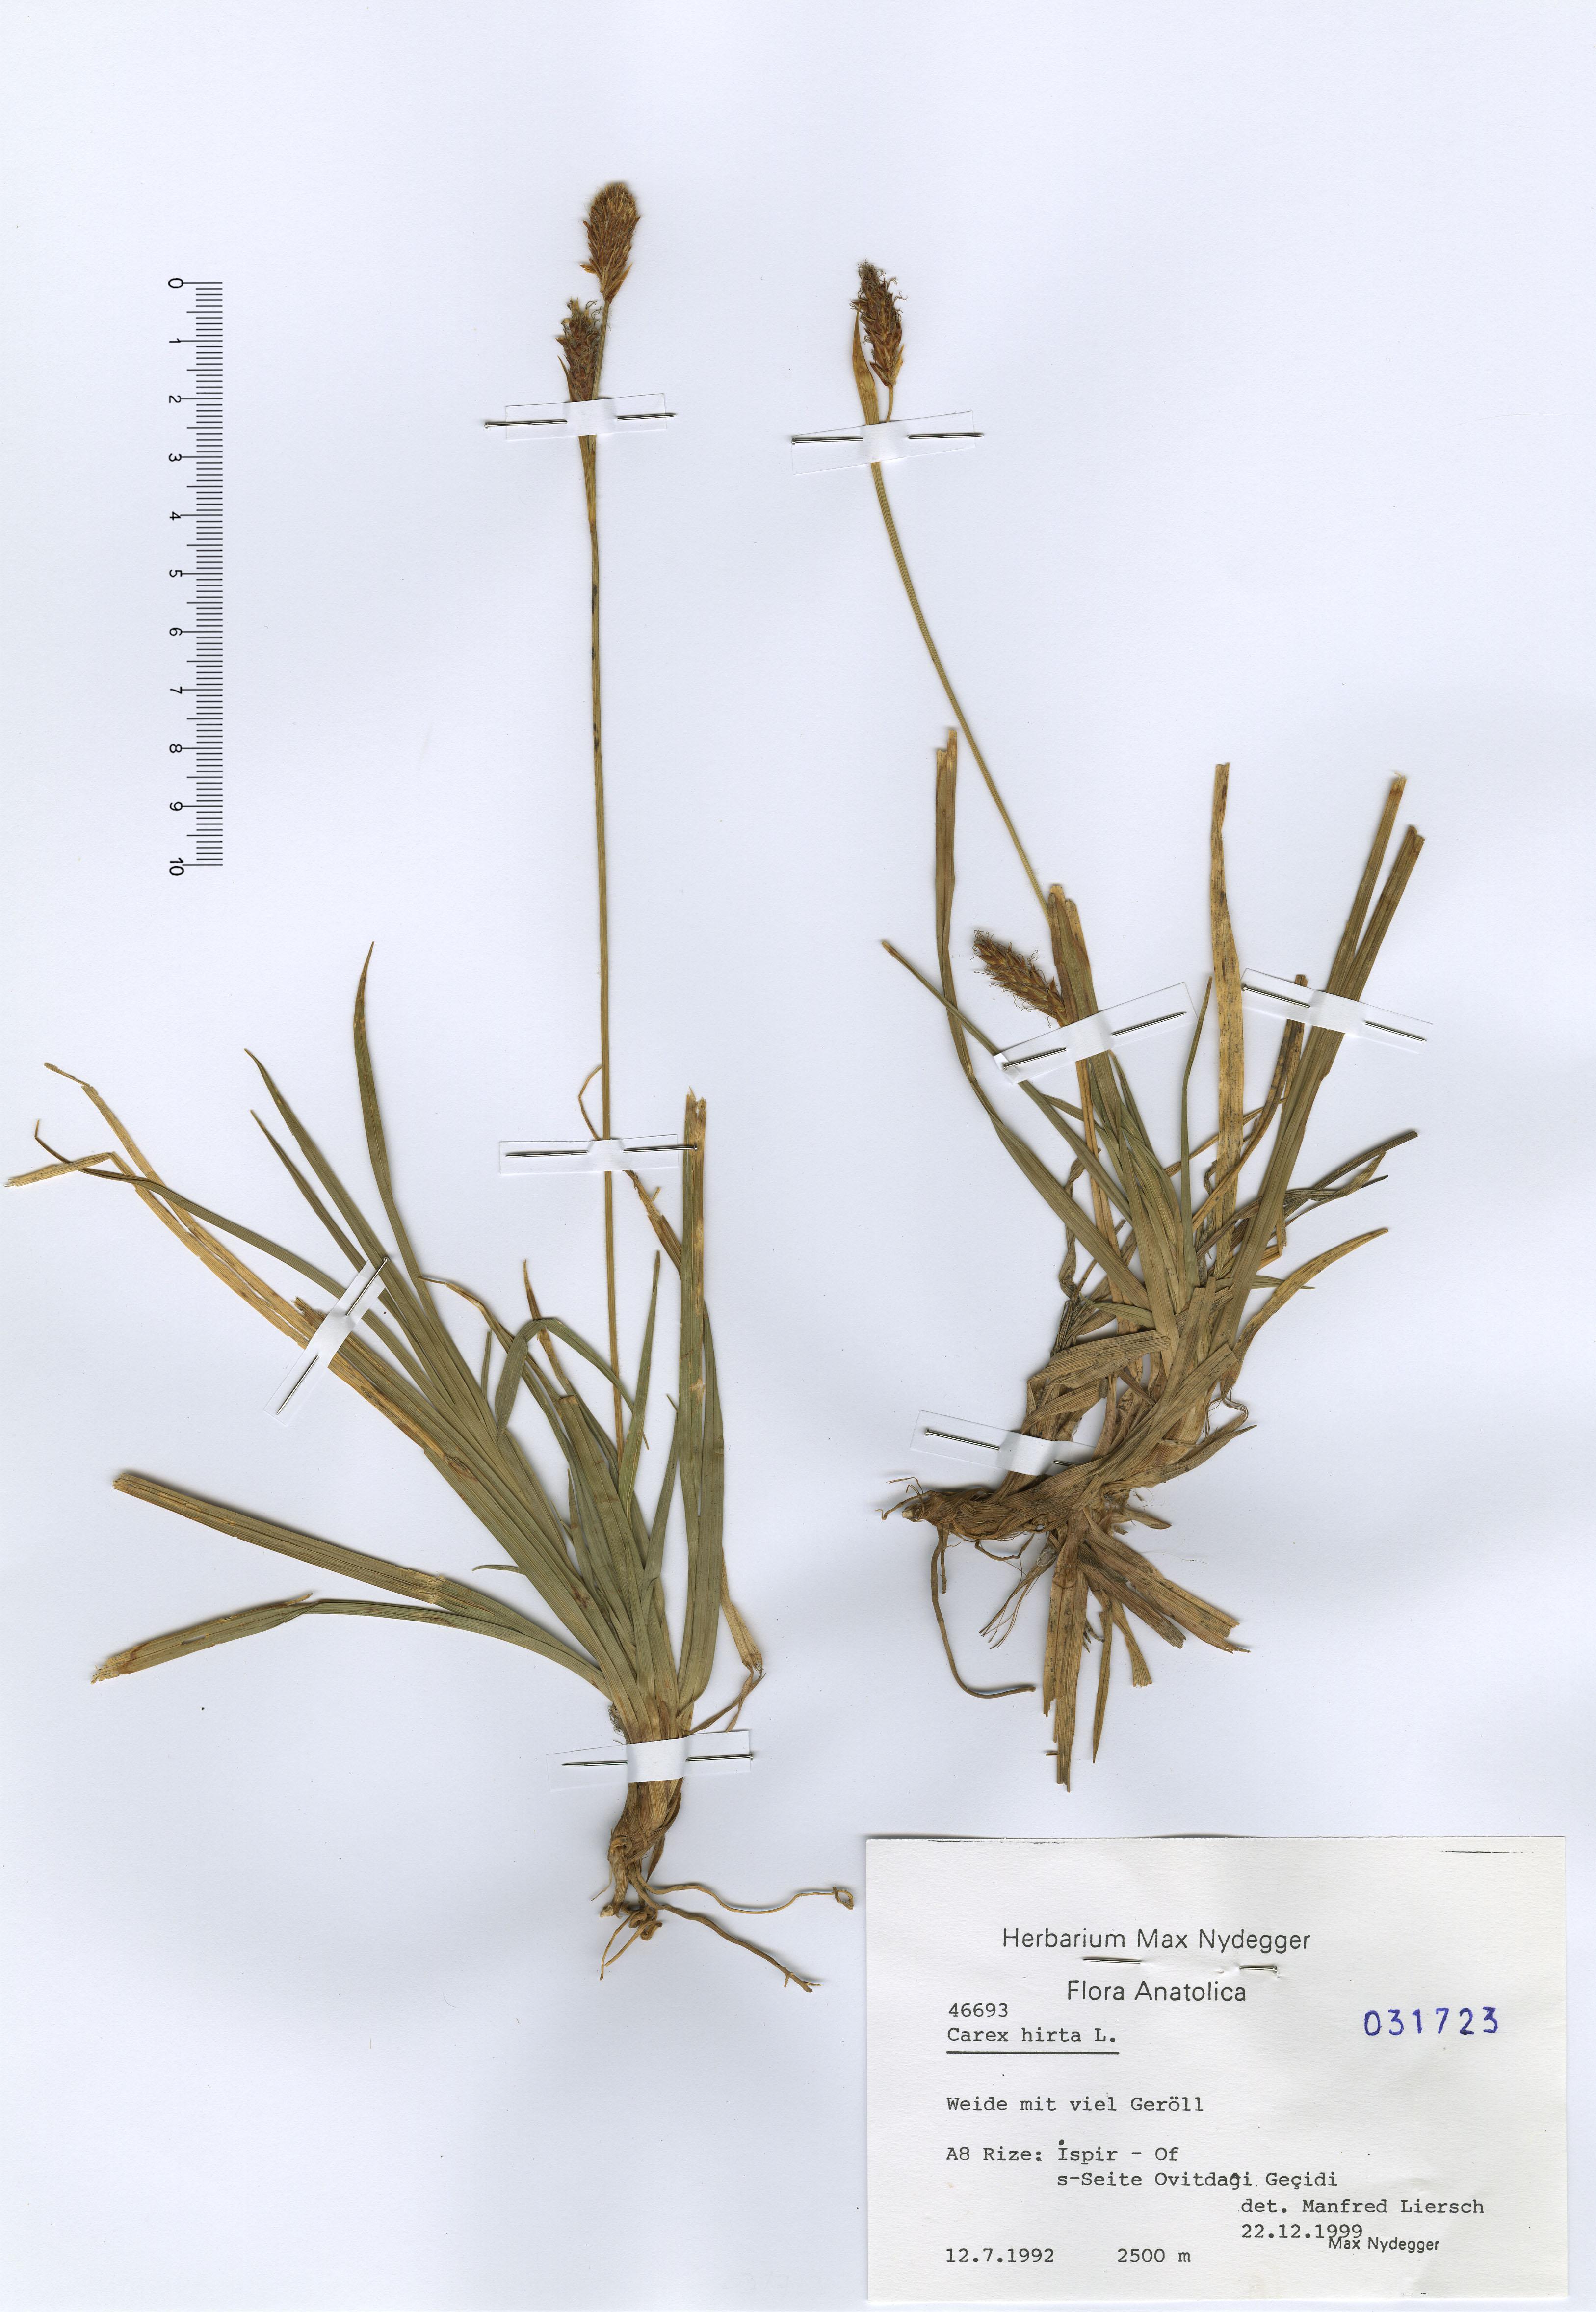 © Hortus Botanicus Catinensis - Herb. sheet 031723<br>